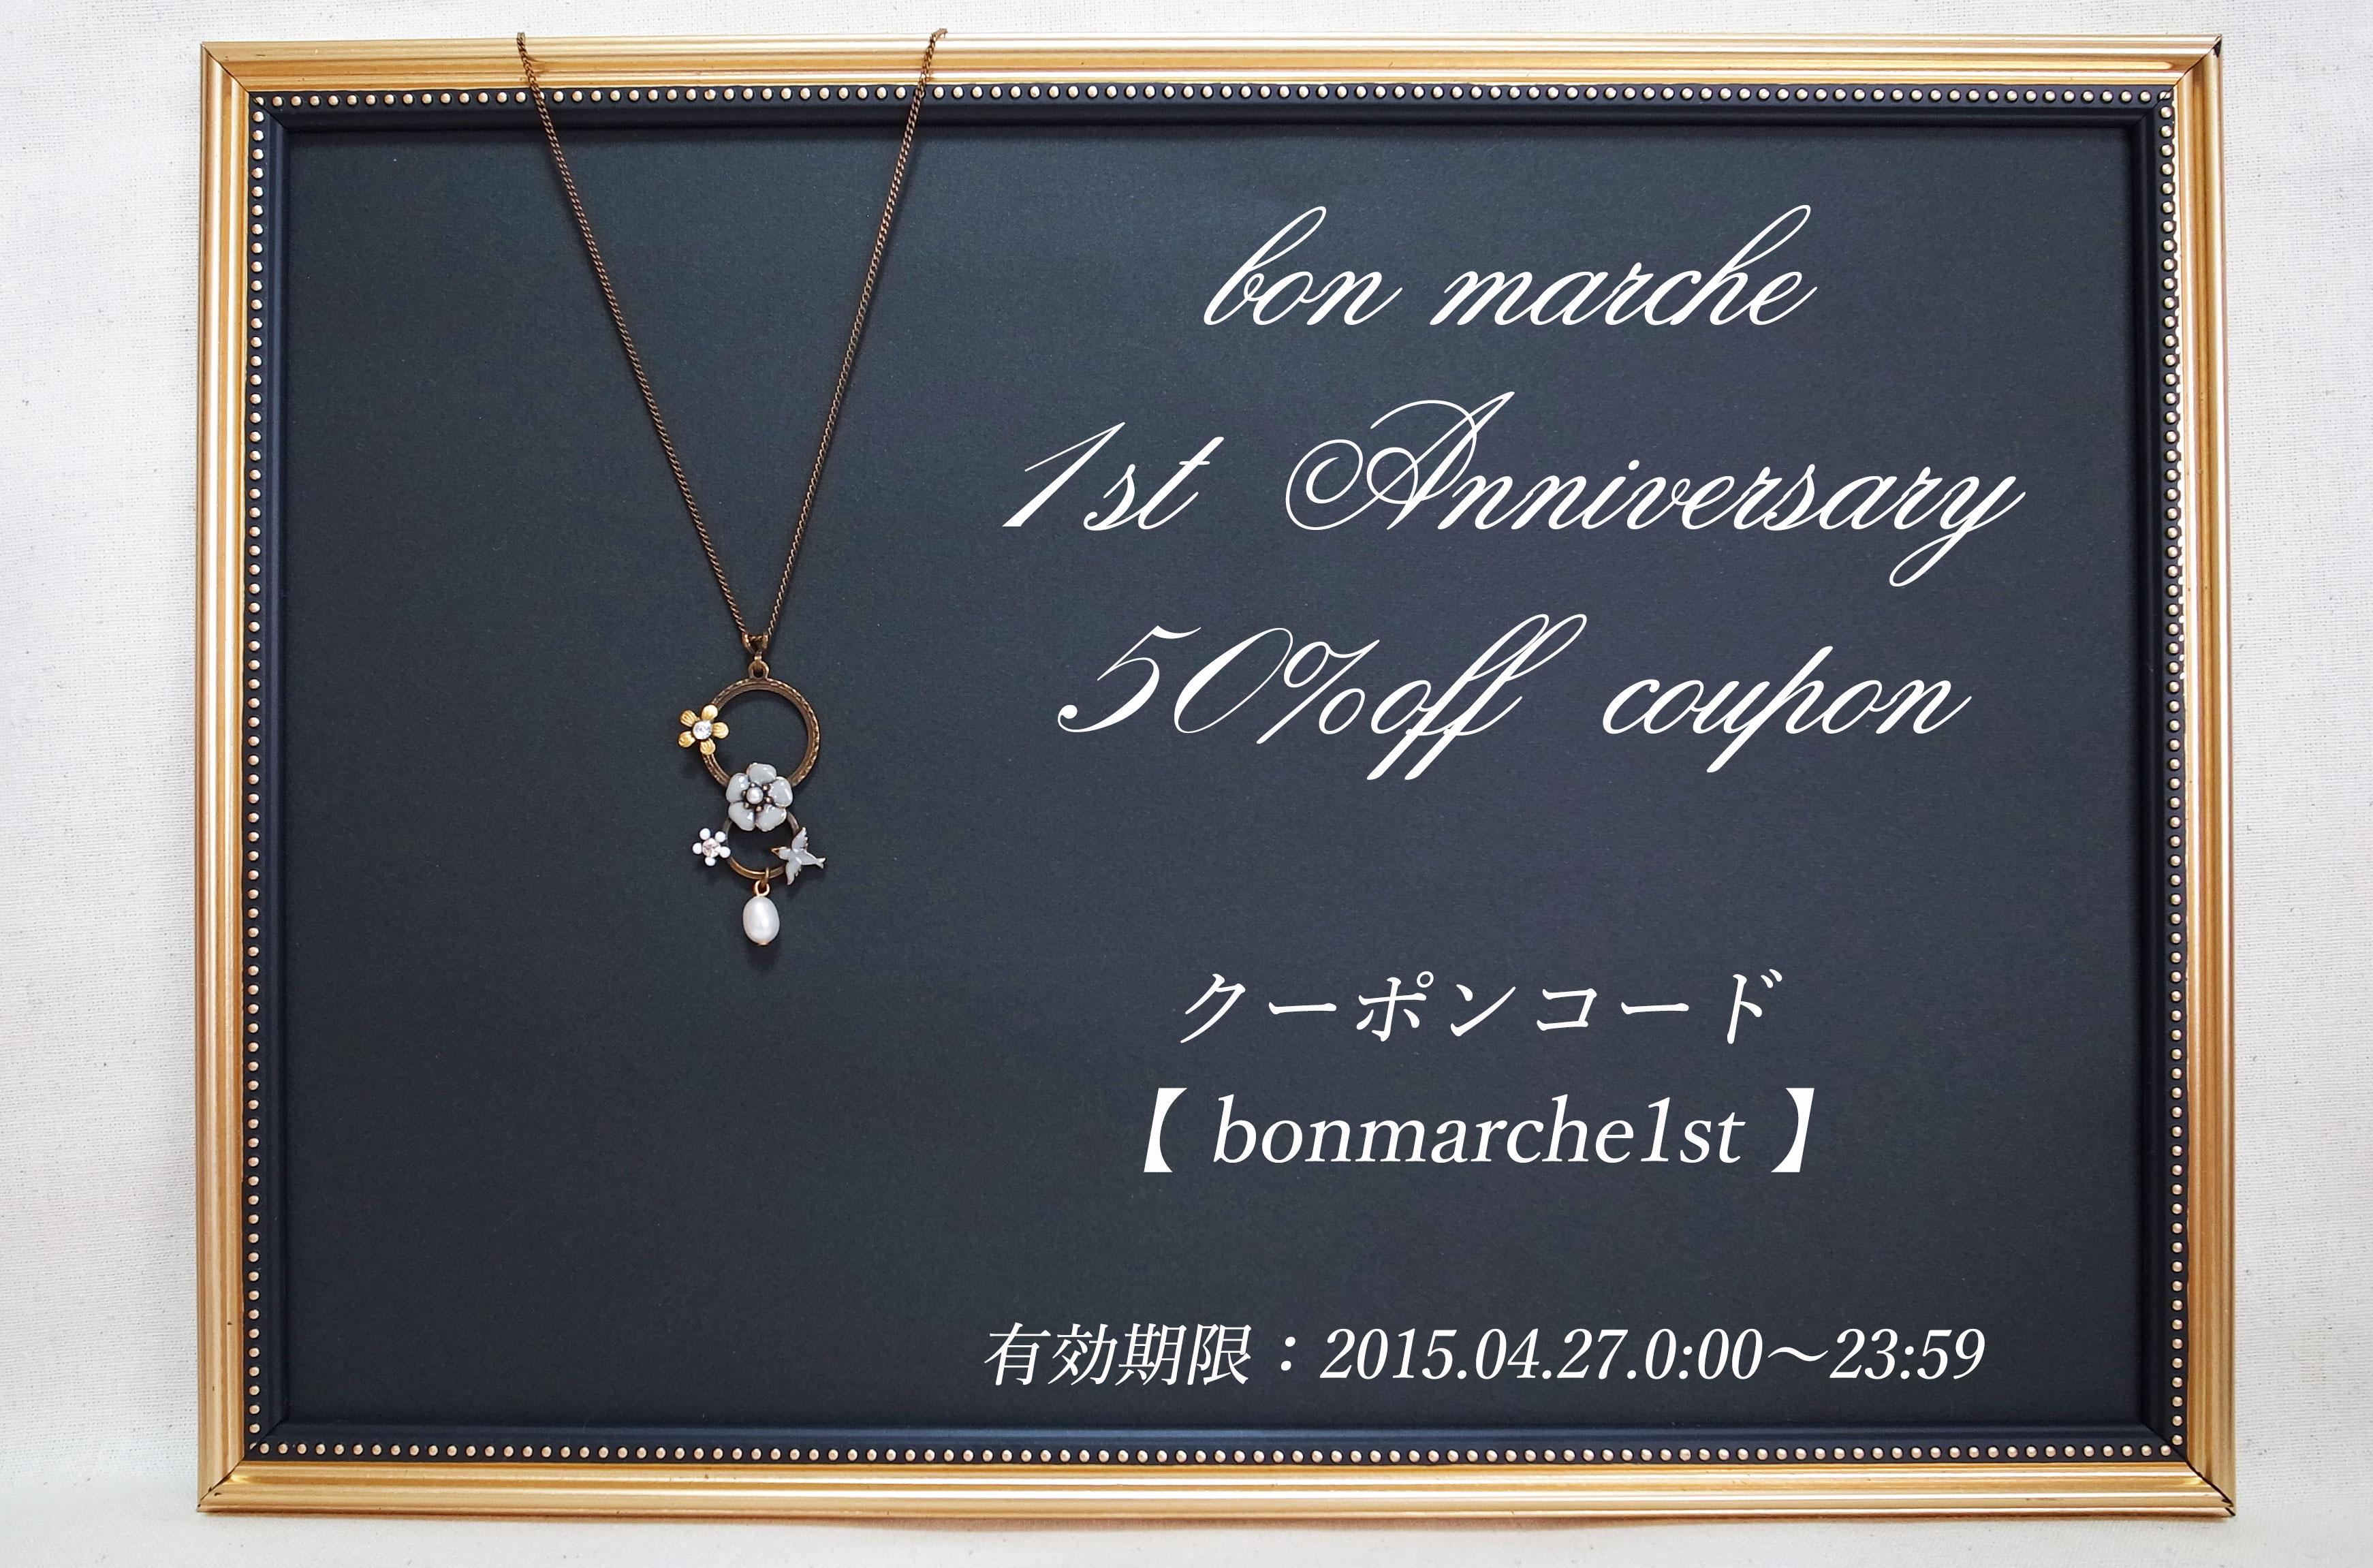 bon marche 1st anniversary ☆